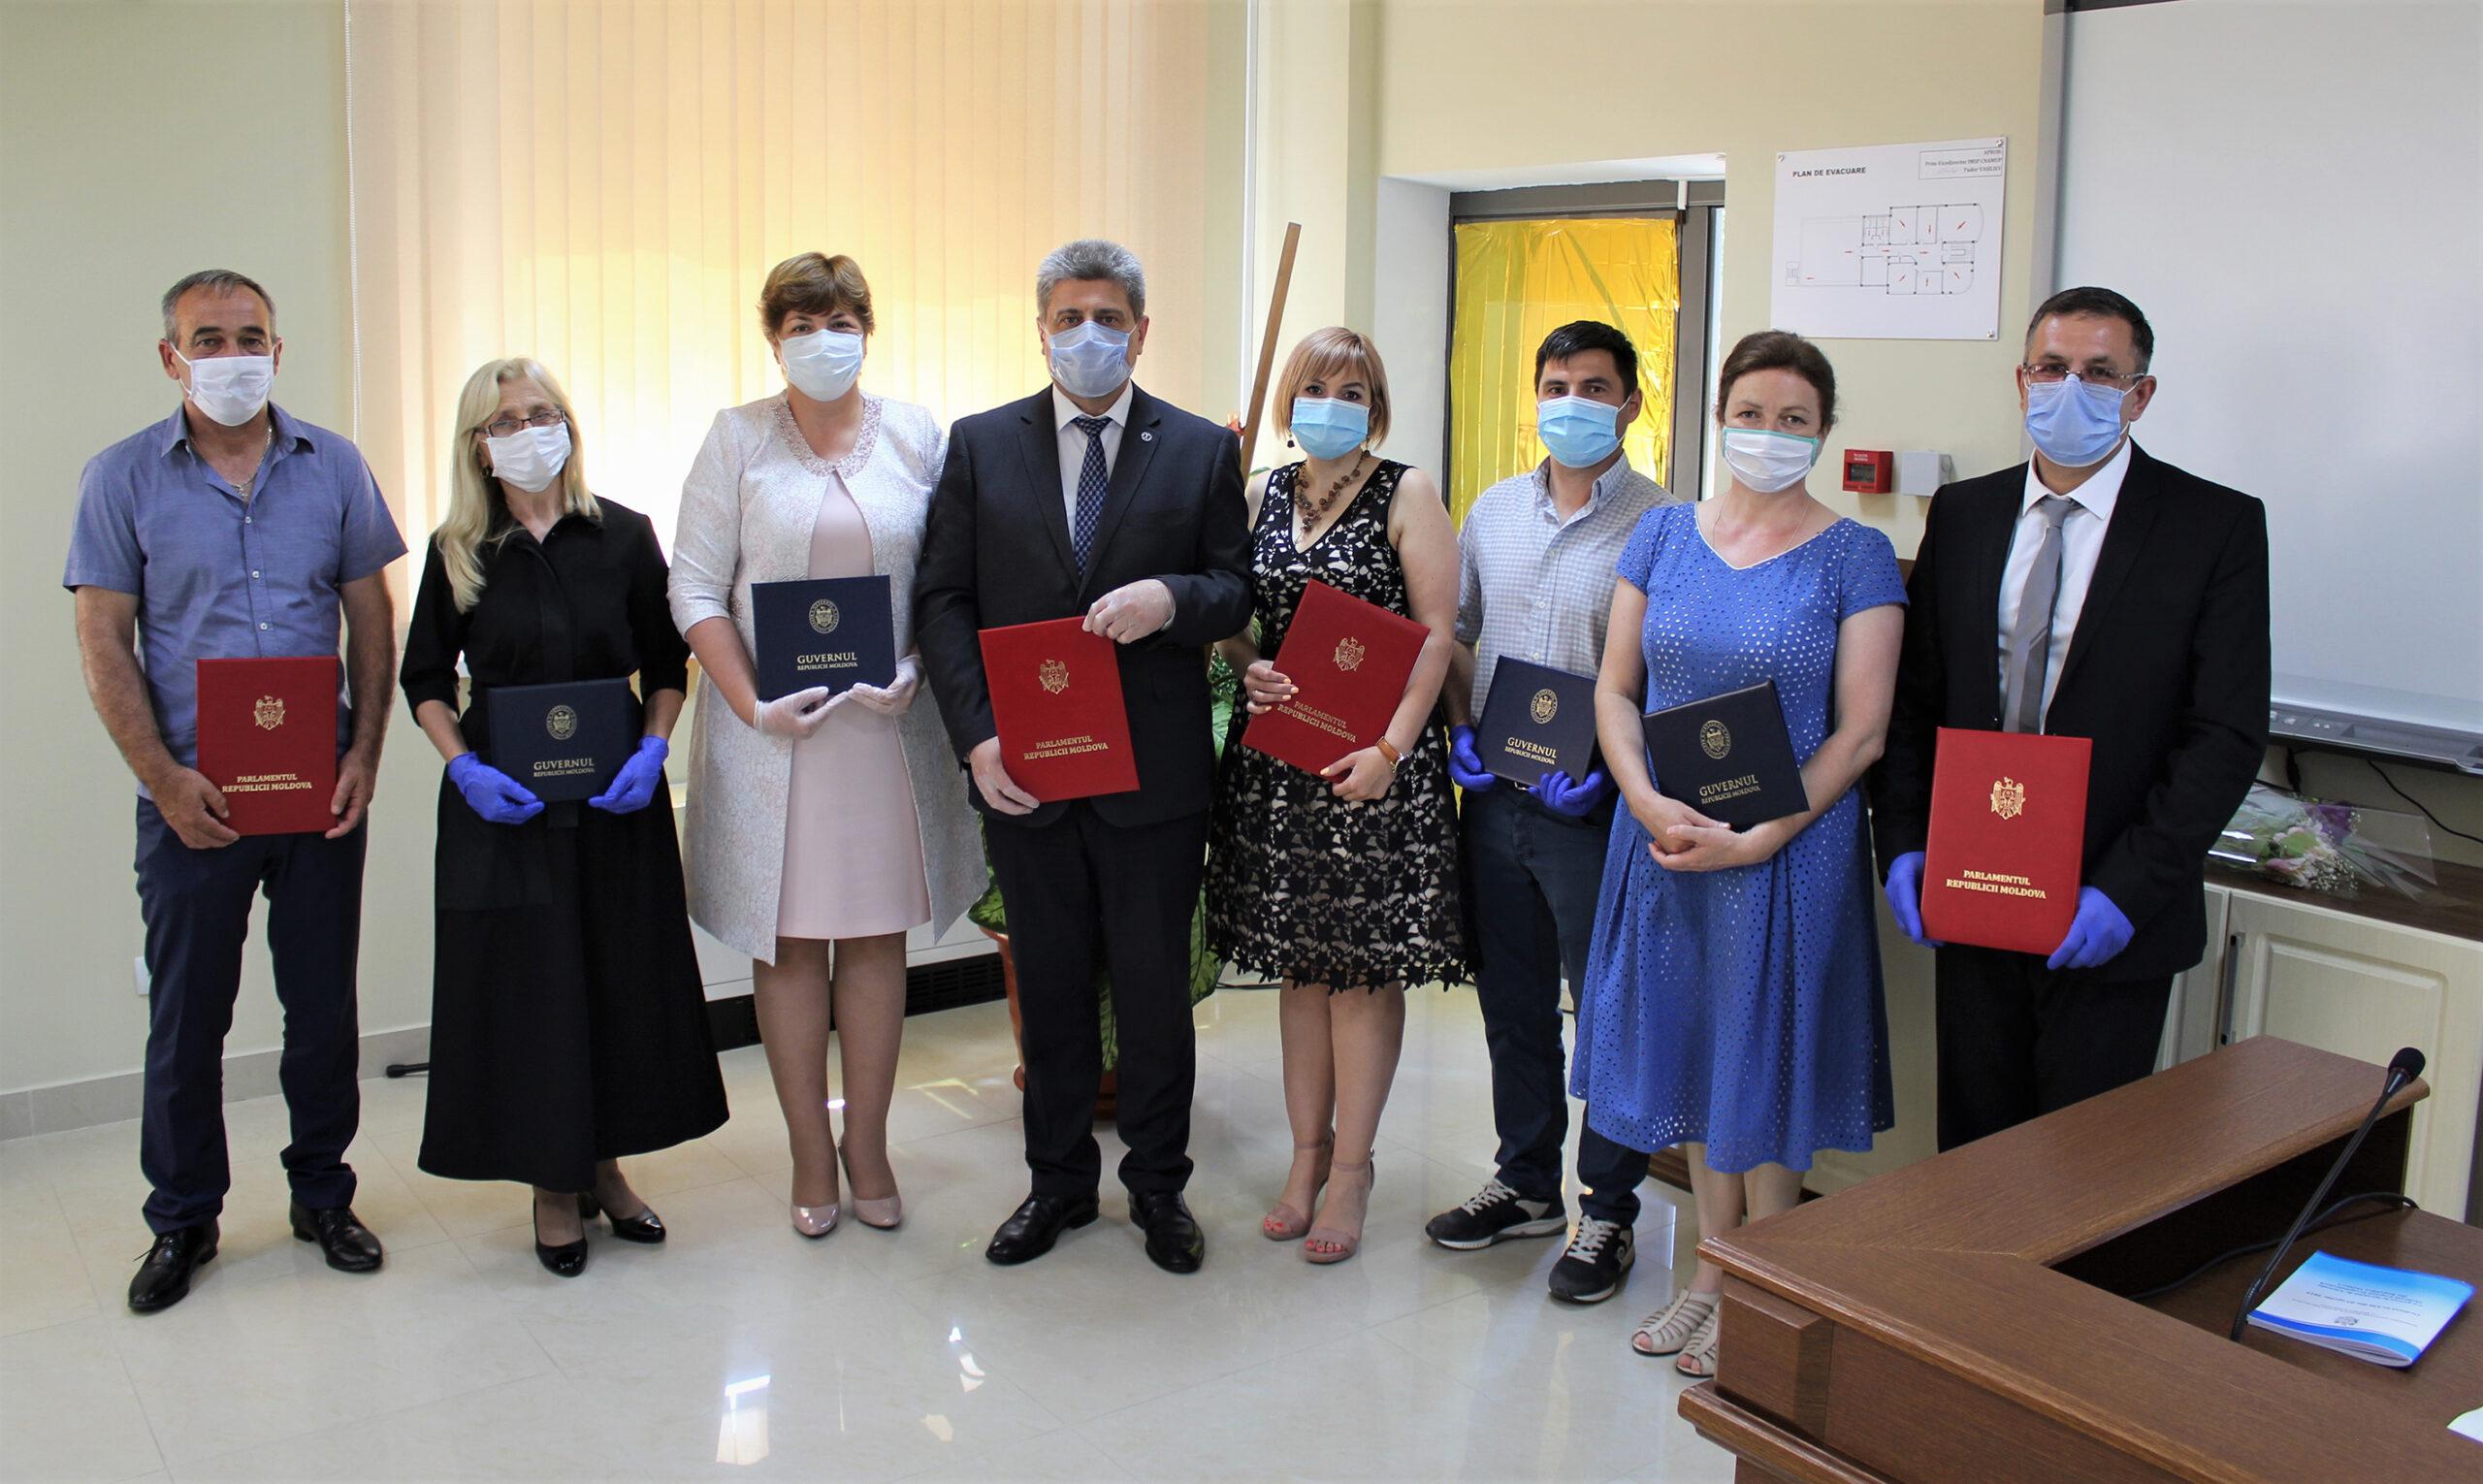 Colaboratorii IMSP CNAMUP distinși cu Diplomele Parlamentului și Guvernului